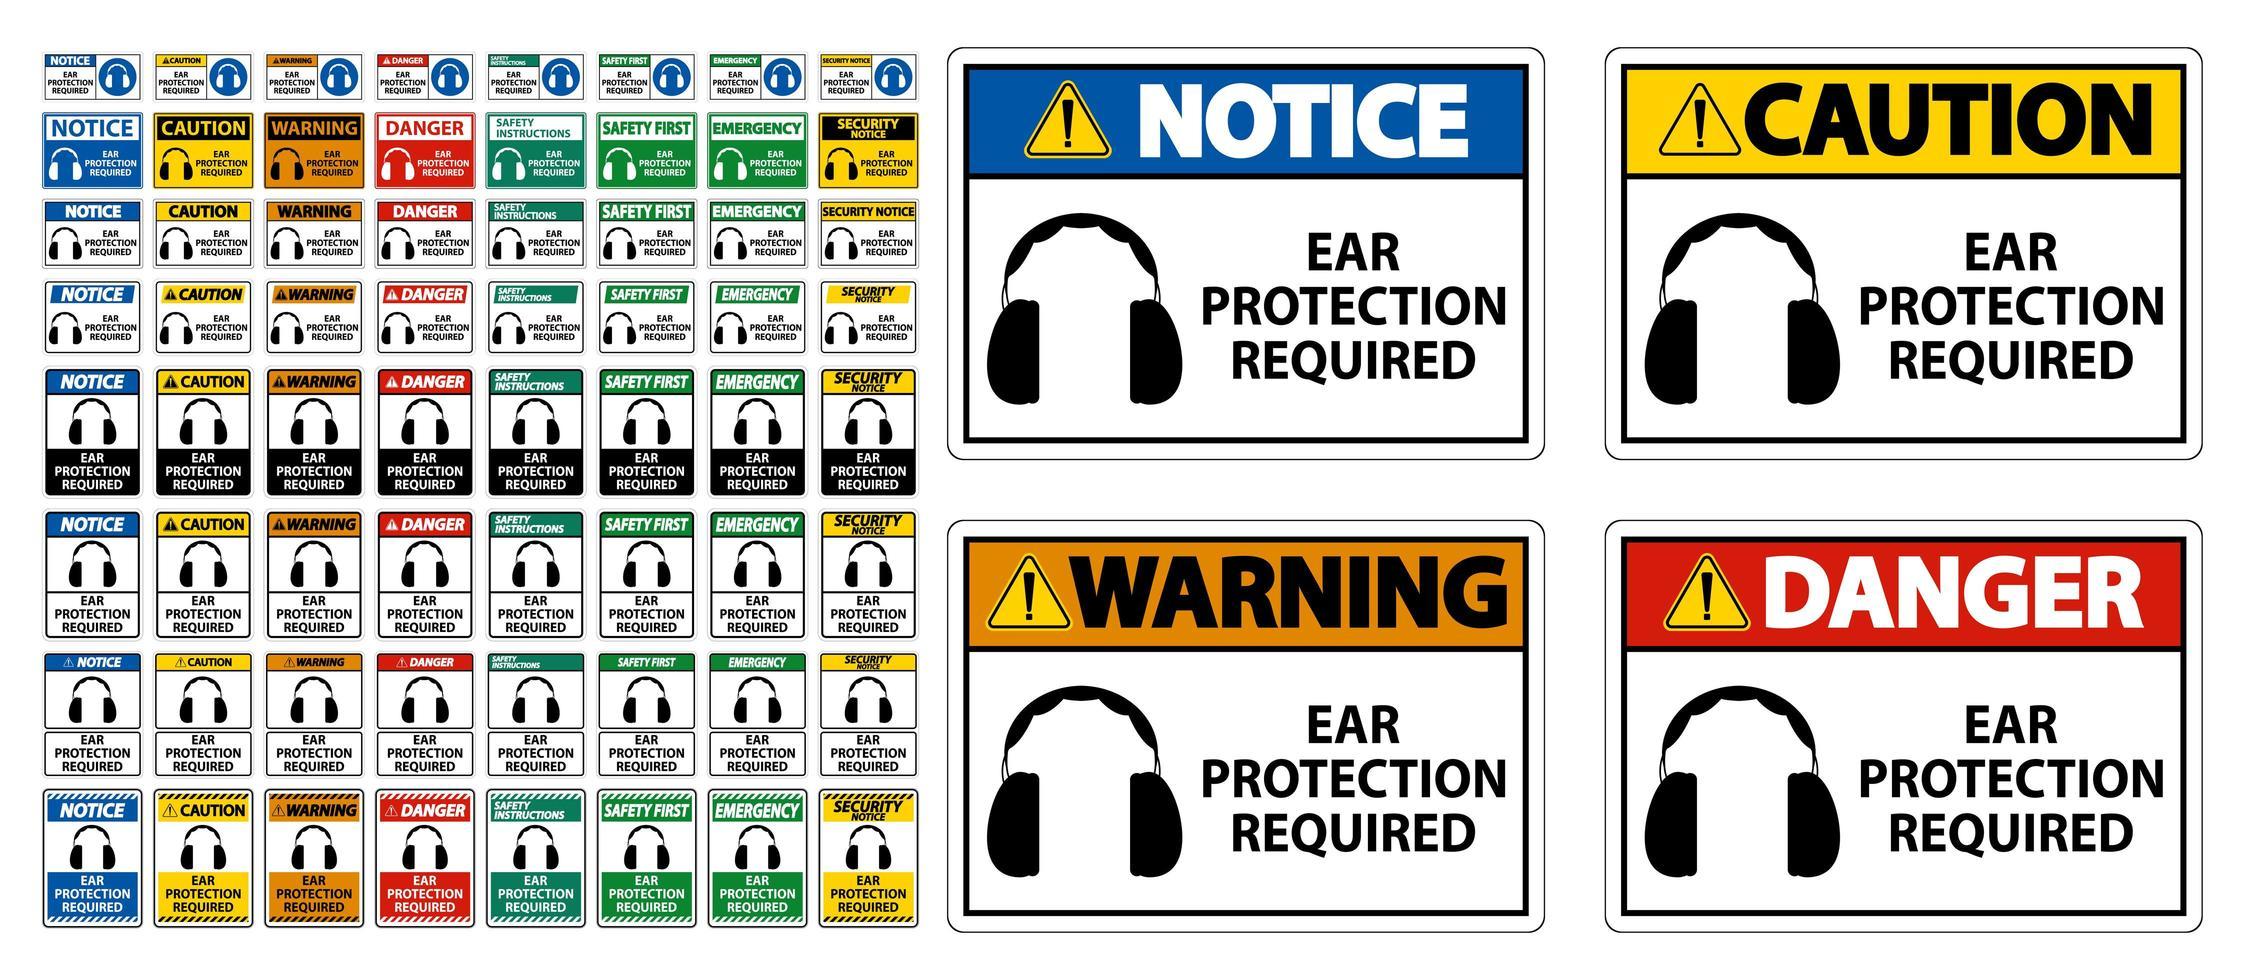 Gehörschutz erforderlich Symbol Zeichensatz vektor